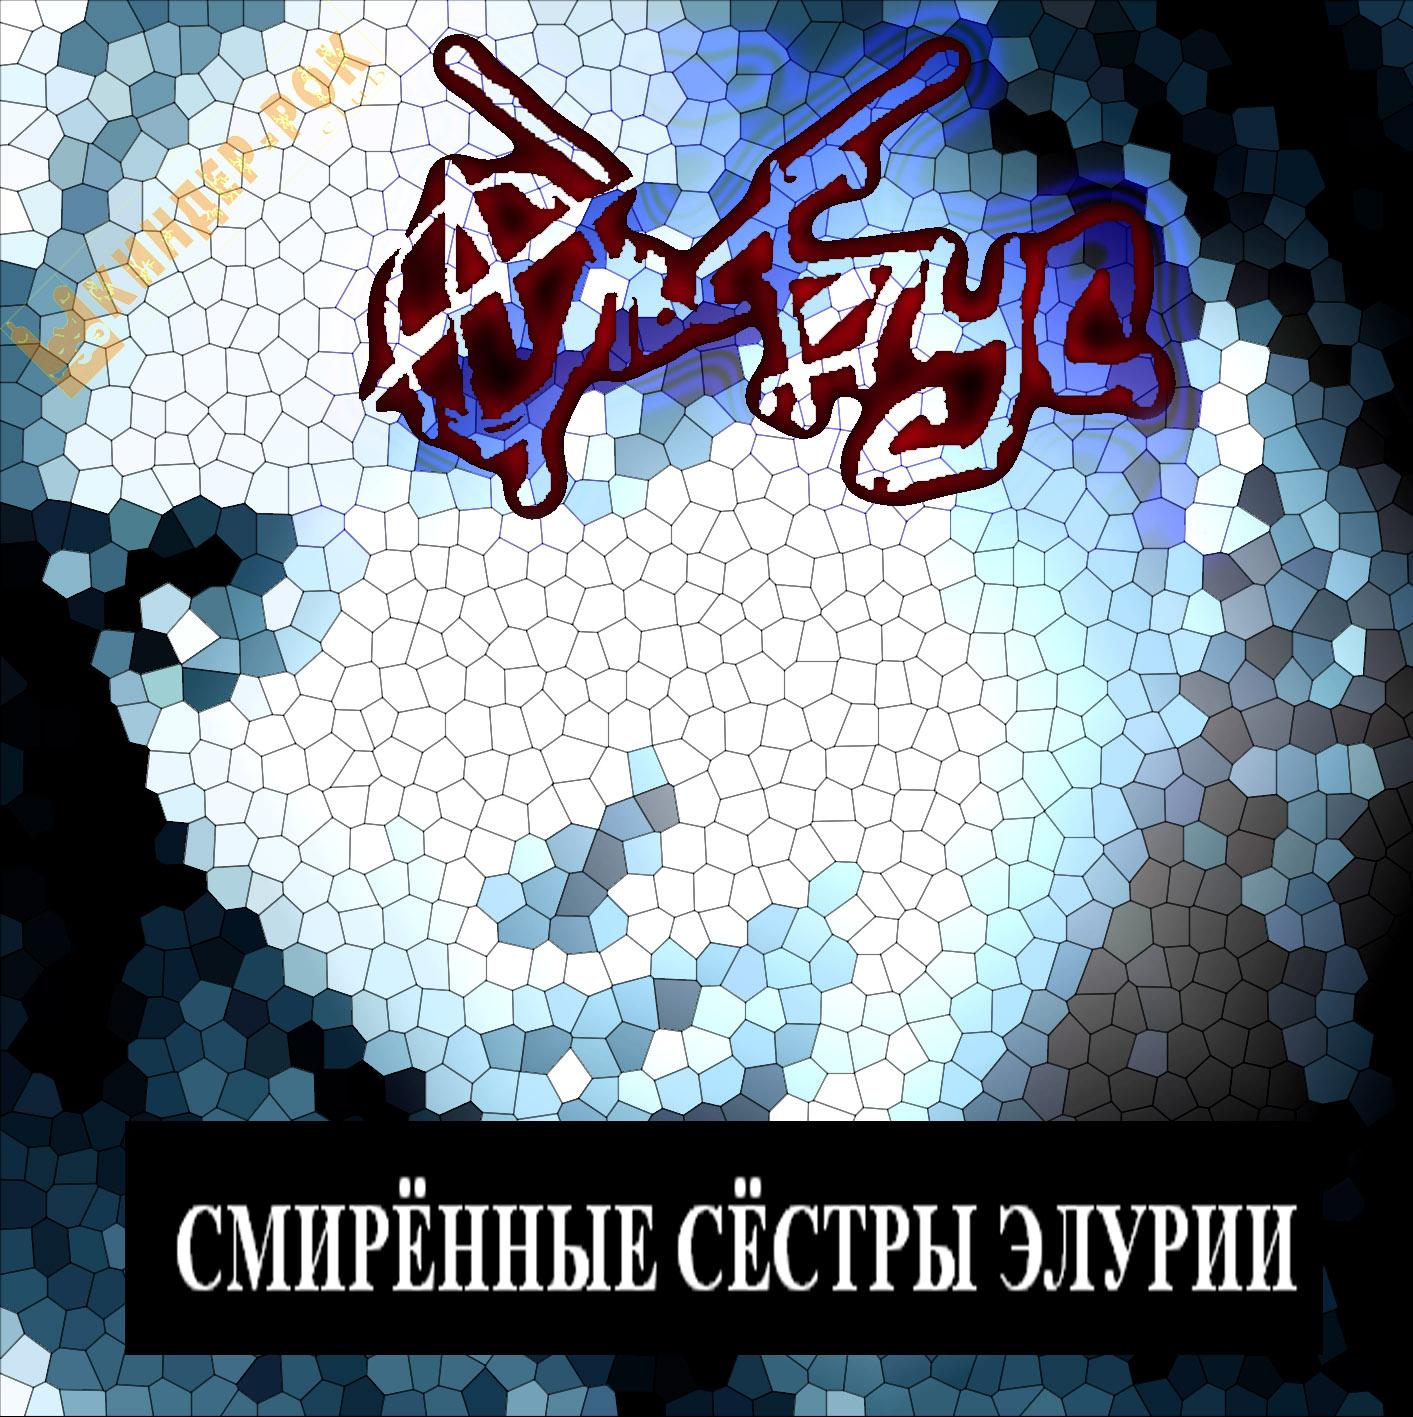 """Обложка альбома """"Смиренные сестры Элурии"""" группы Аль-Бус"""